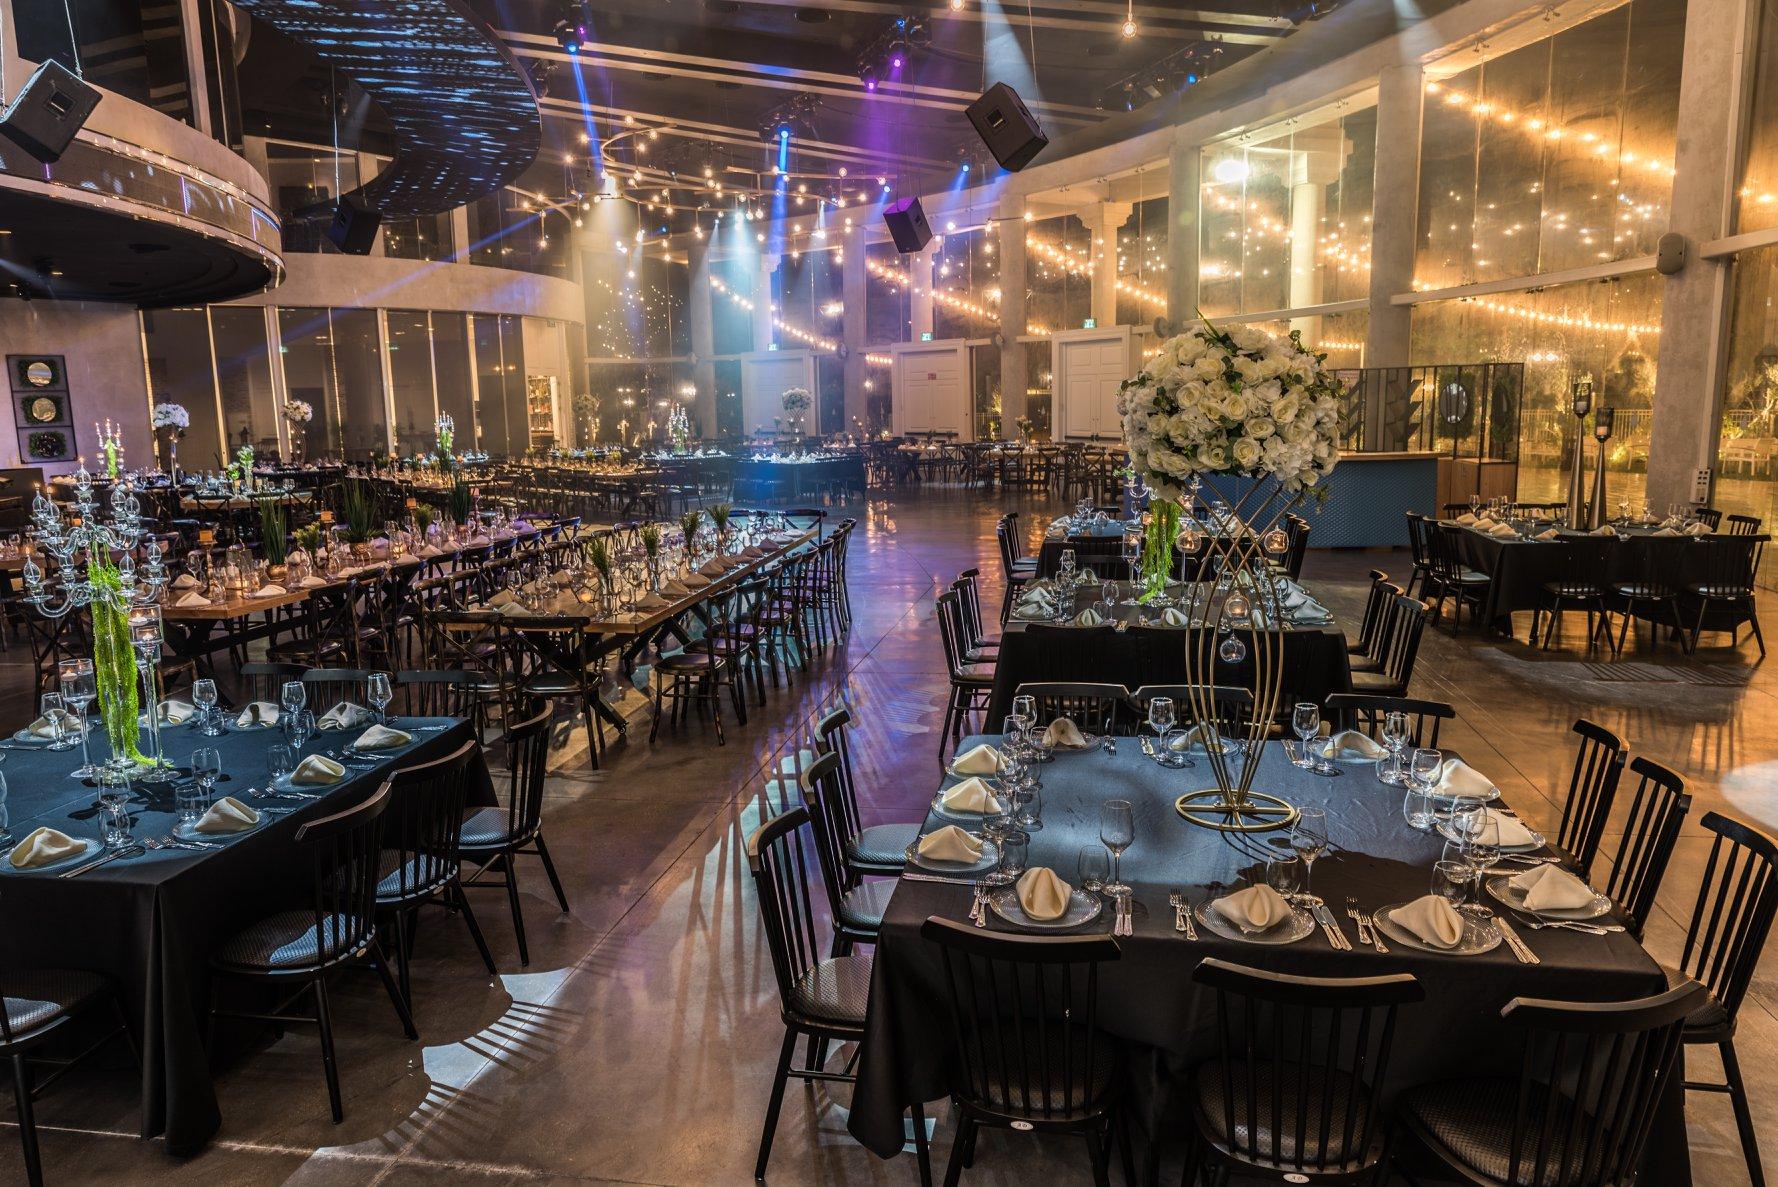 הקמת אולם אירועים - קליינטורה